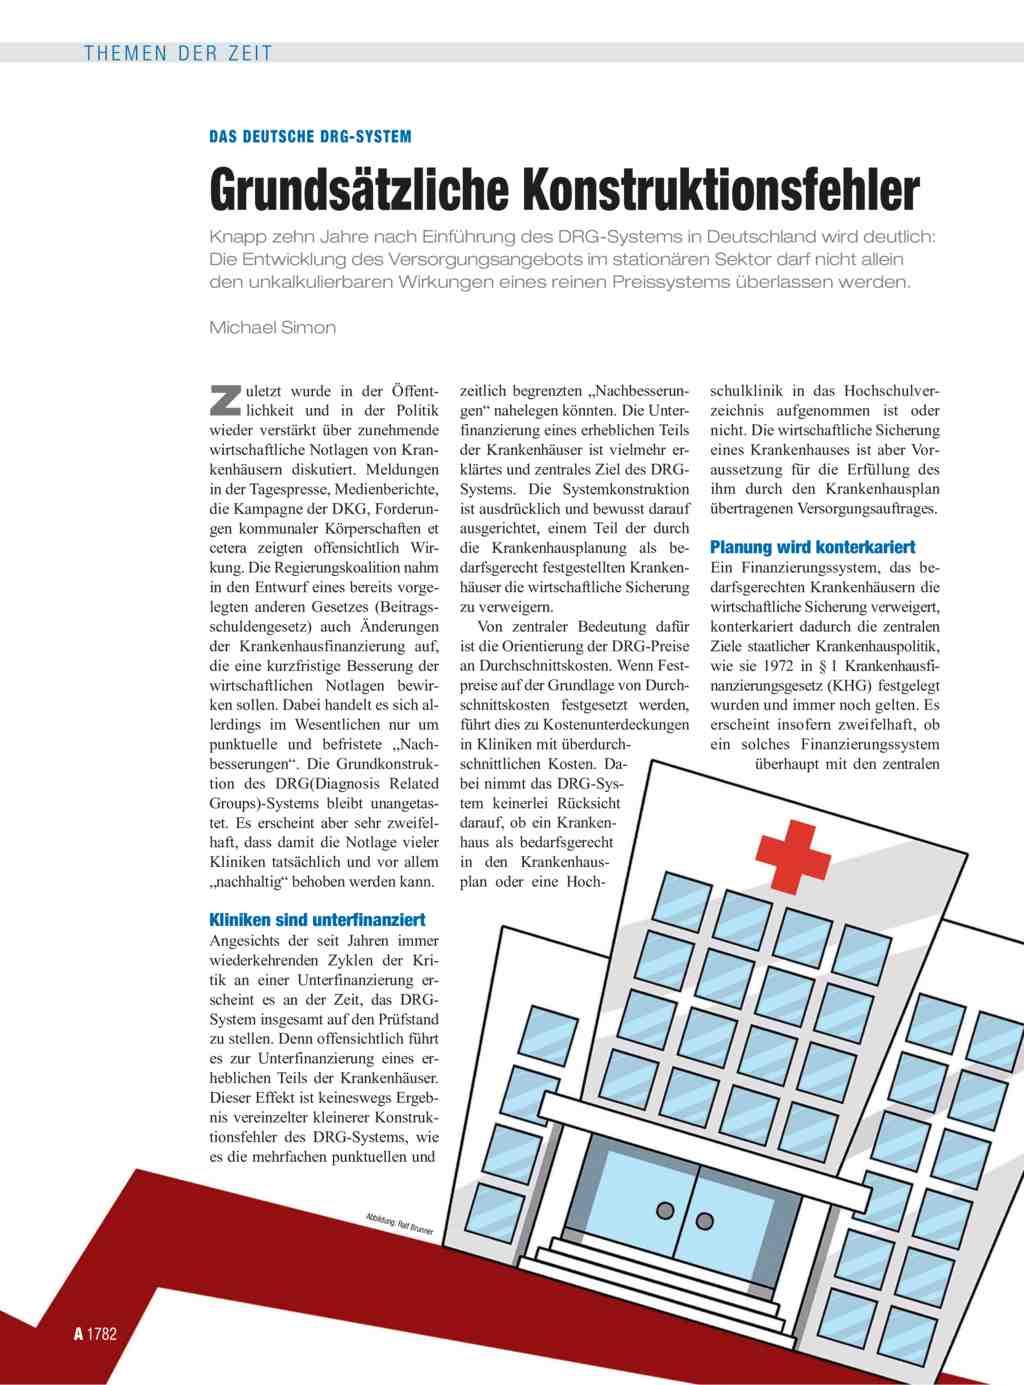 Das deutsche DRG-System: Grundsätzliche Konstruktionsfehler